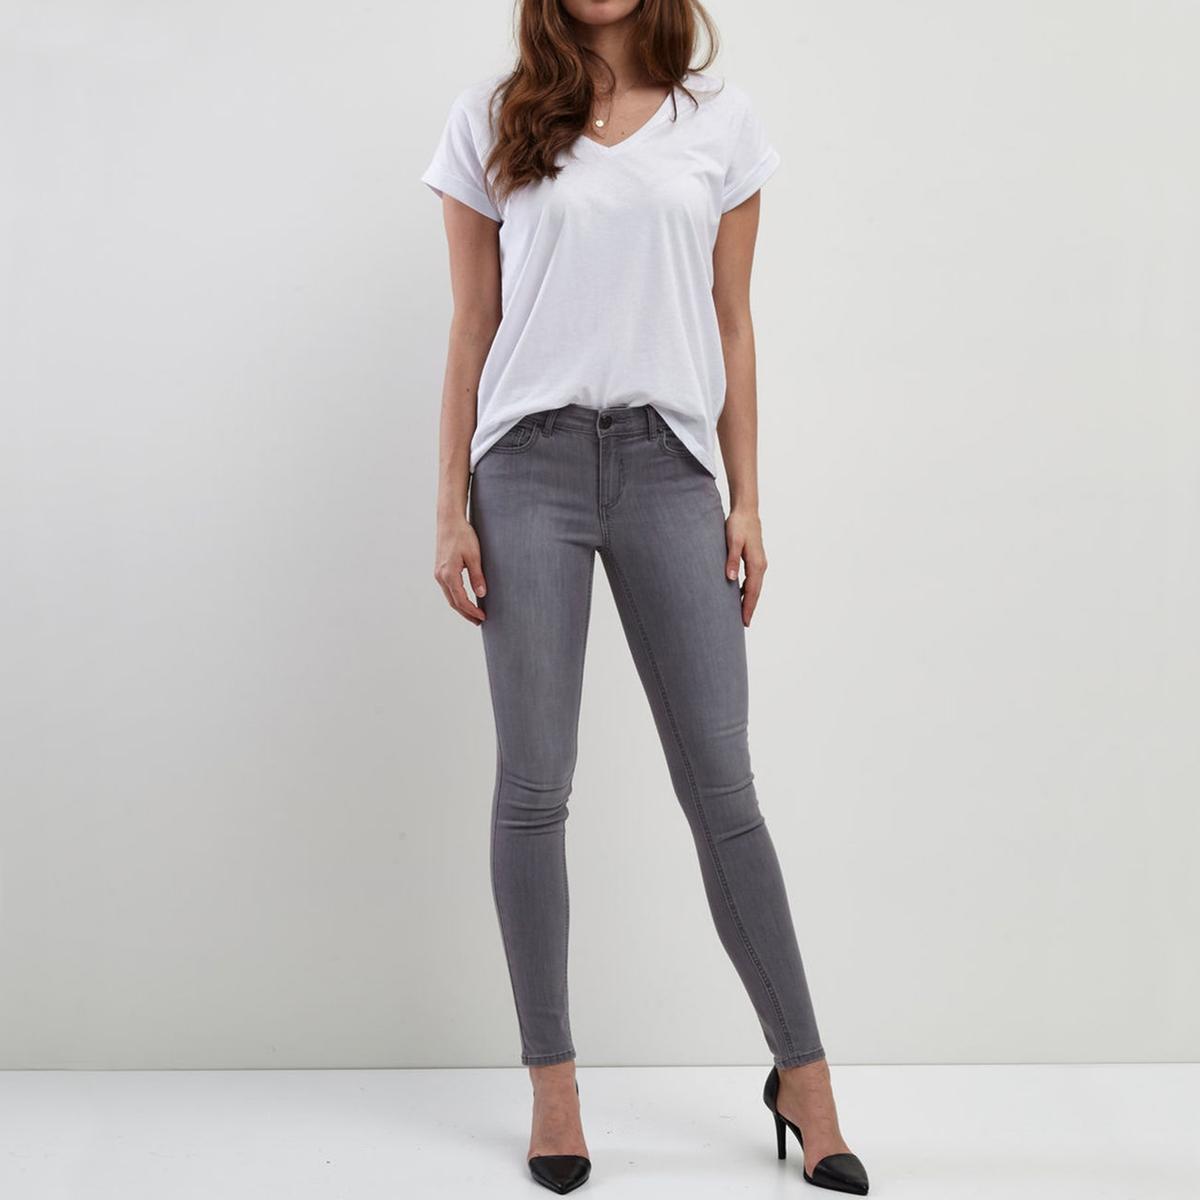 Узкие джинсыДетали •  Узкие •  Стандартная талия Состав и уход •  3% вискозы, 68% хлопка, 2% эластана, 27 % полиэстера •  Следуйте советам по уходу, указанным на этикетке<br><br>Цвет: светло-серый<br>Размер: S